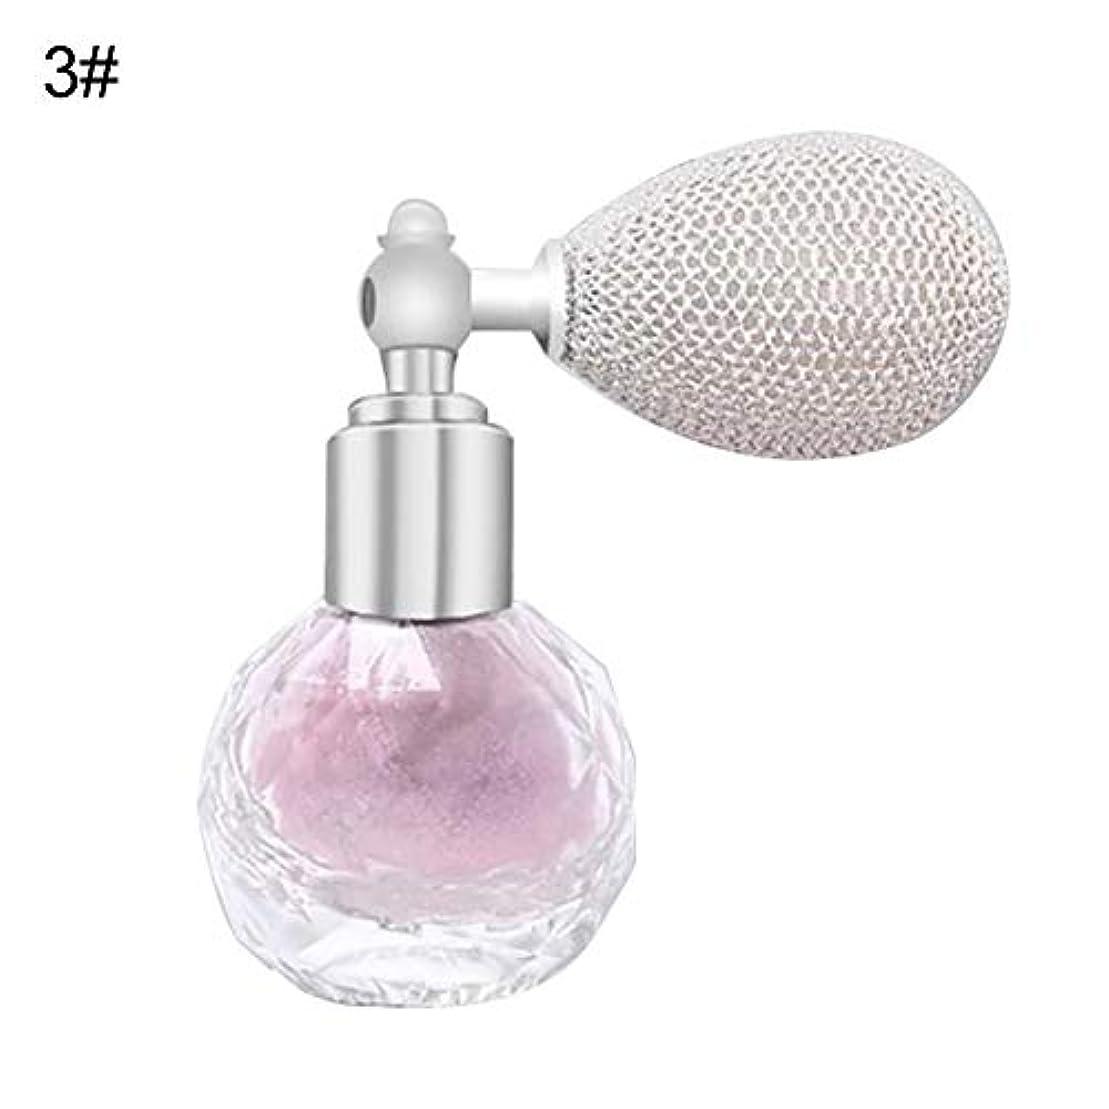 義務づける変更学ぶFANA女性エアバッグスプレーフレグランスグリッターハイライトパウダー美容化粧品 - 3#